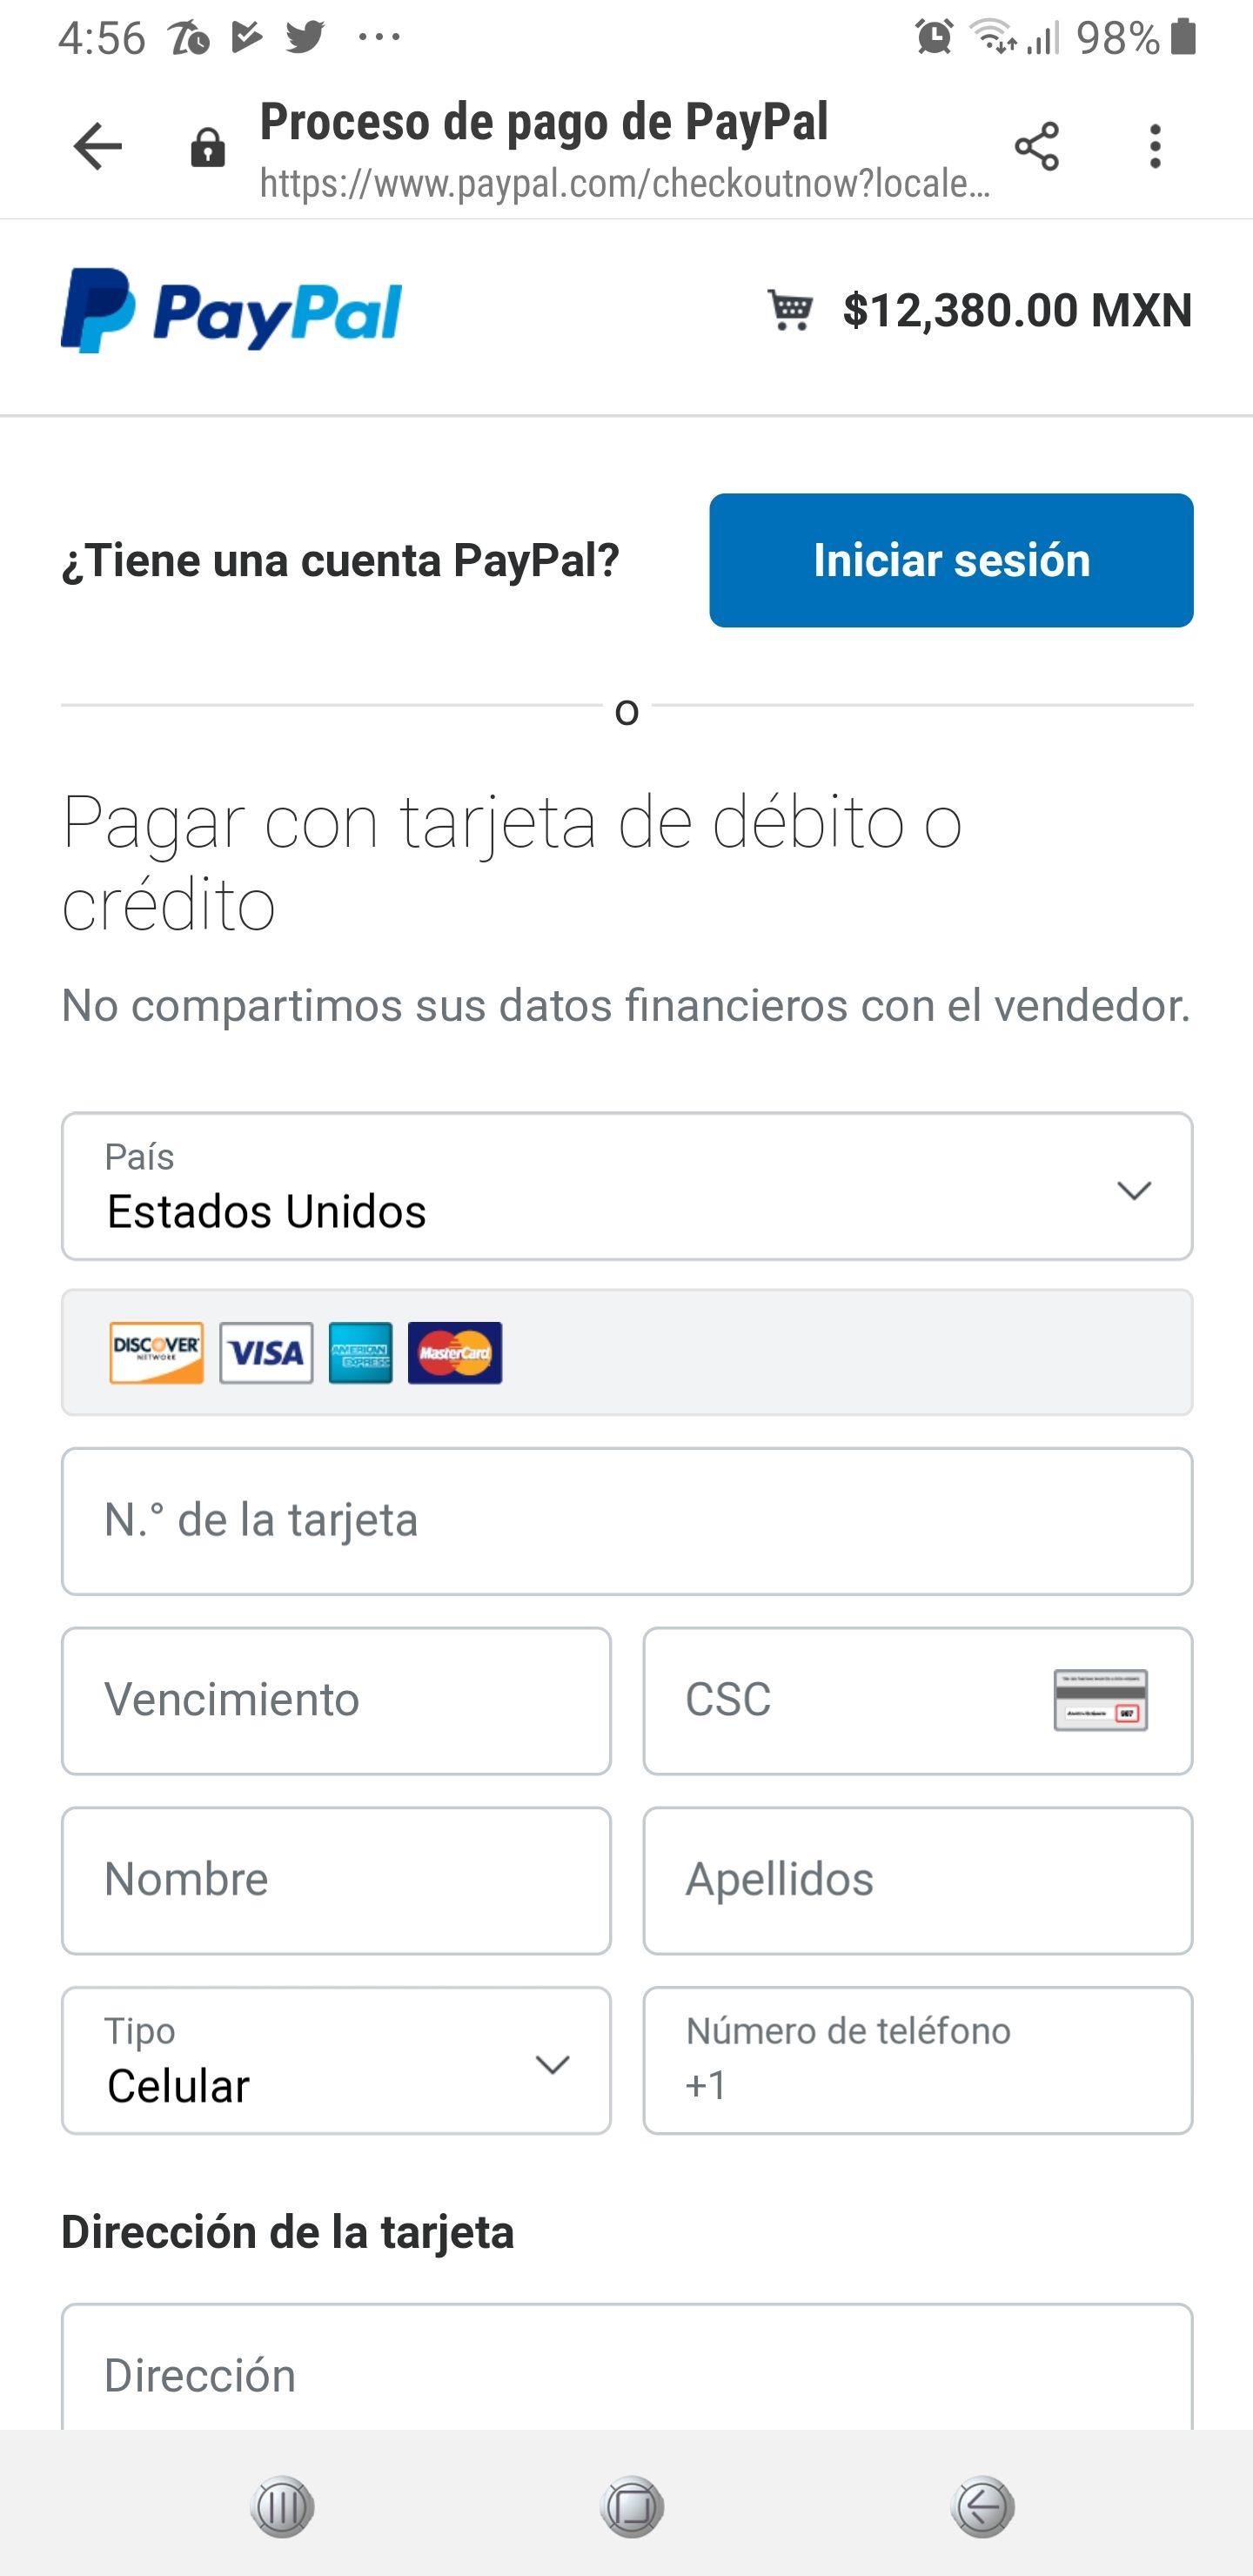 Linio Galaxy Note 9 10,380 Pagando Con Pay Pal y 3 Meses de Bonificación Con TDC Participantes